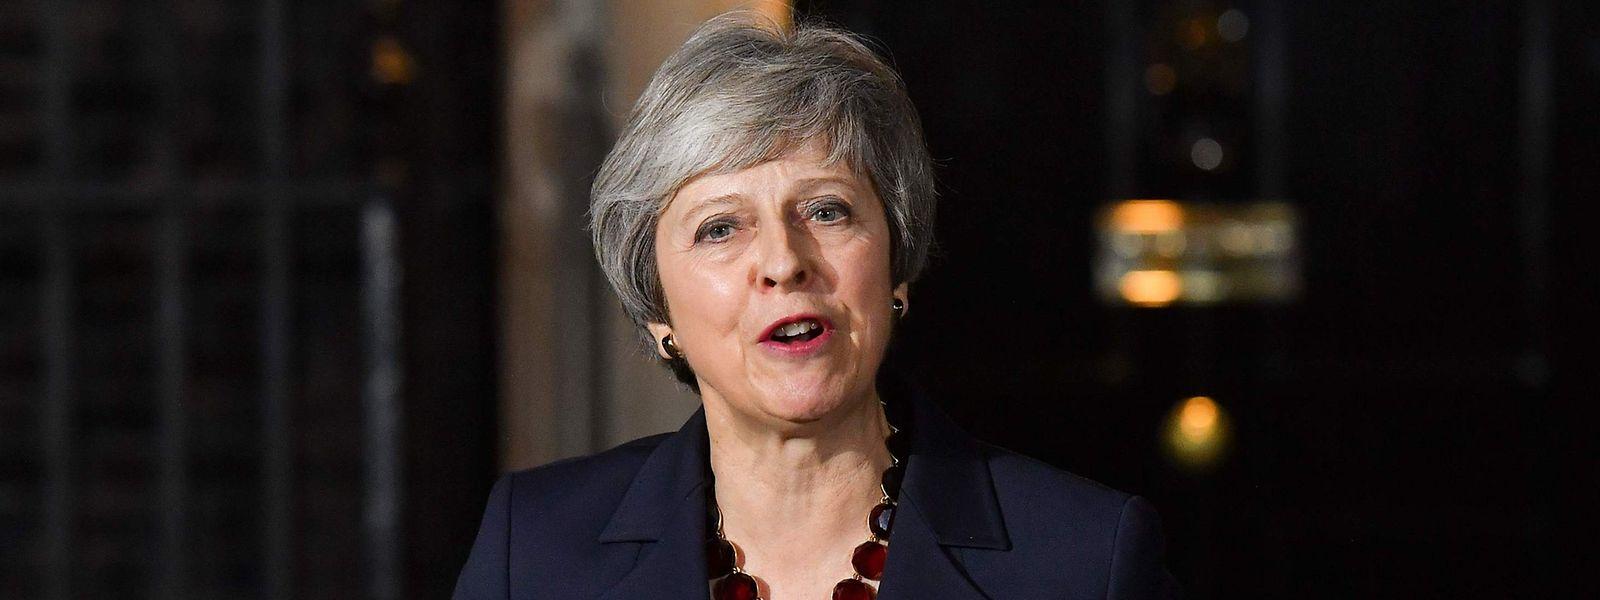 Face à la presse, mercredi soir Theresa May a expliqué que le projet d'accord sur la sortie du Royaume-Uni de l'Union européenne permettra de reprendre le contrôle de «notre argent, nos lois et nos frontières, mettra fin à la liberté de mouvement, protégera les emplois, la sécurité et notre union».